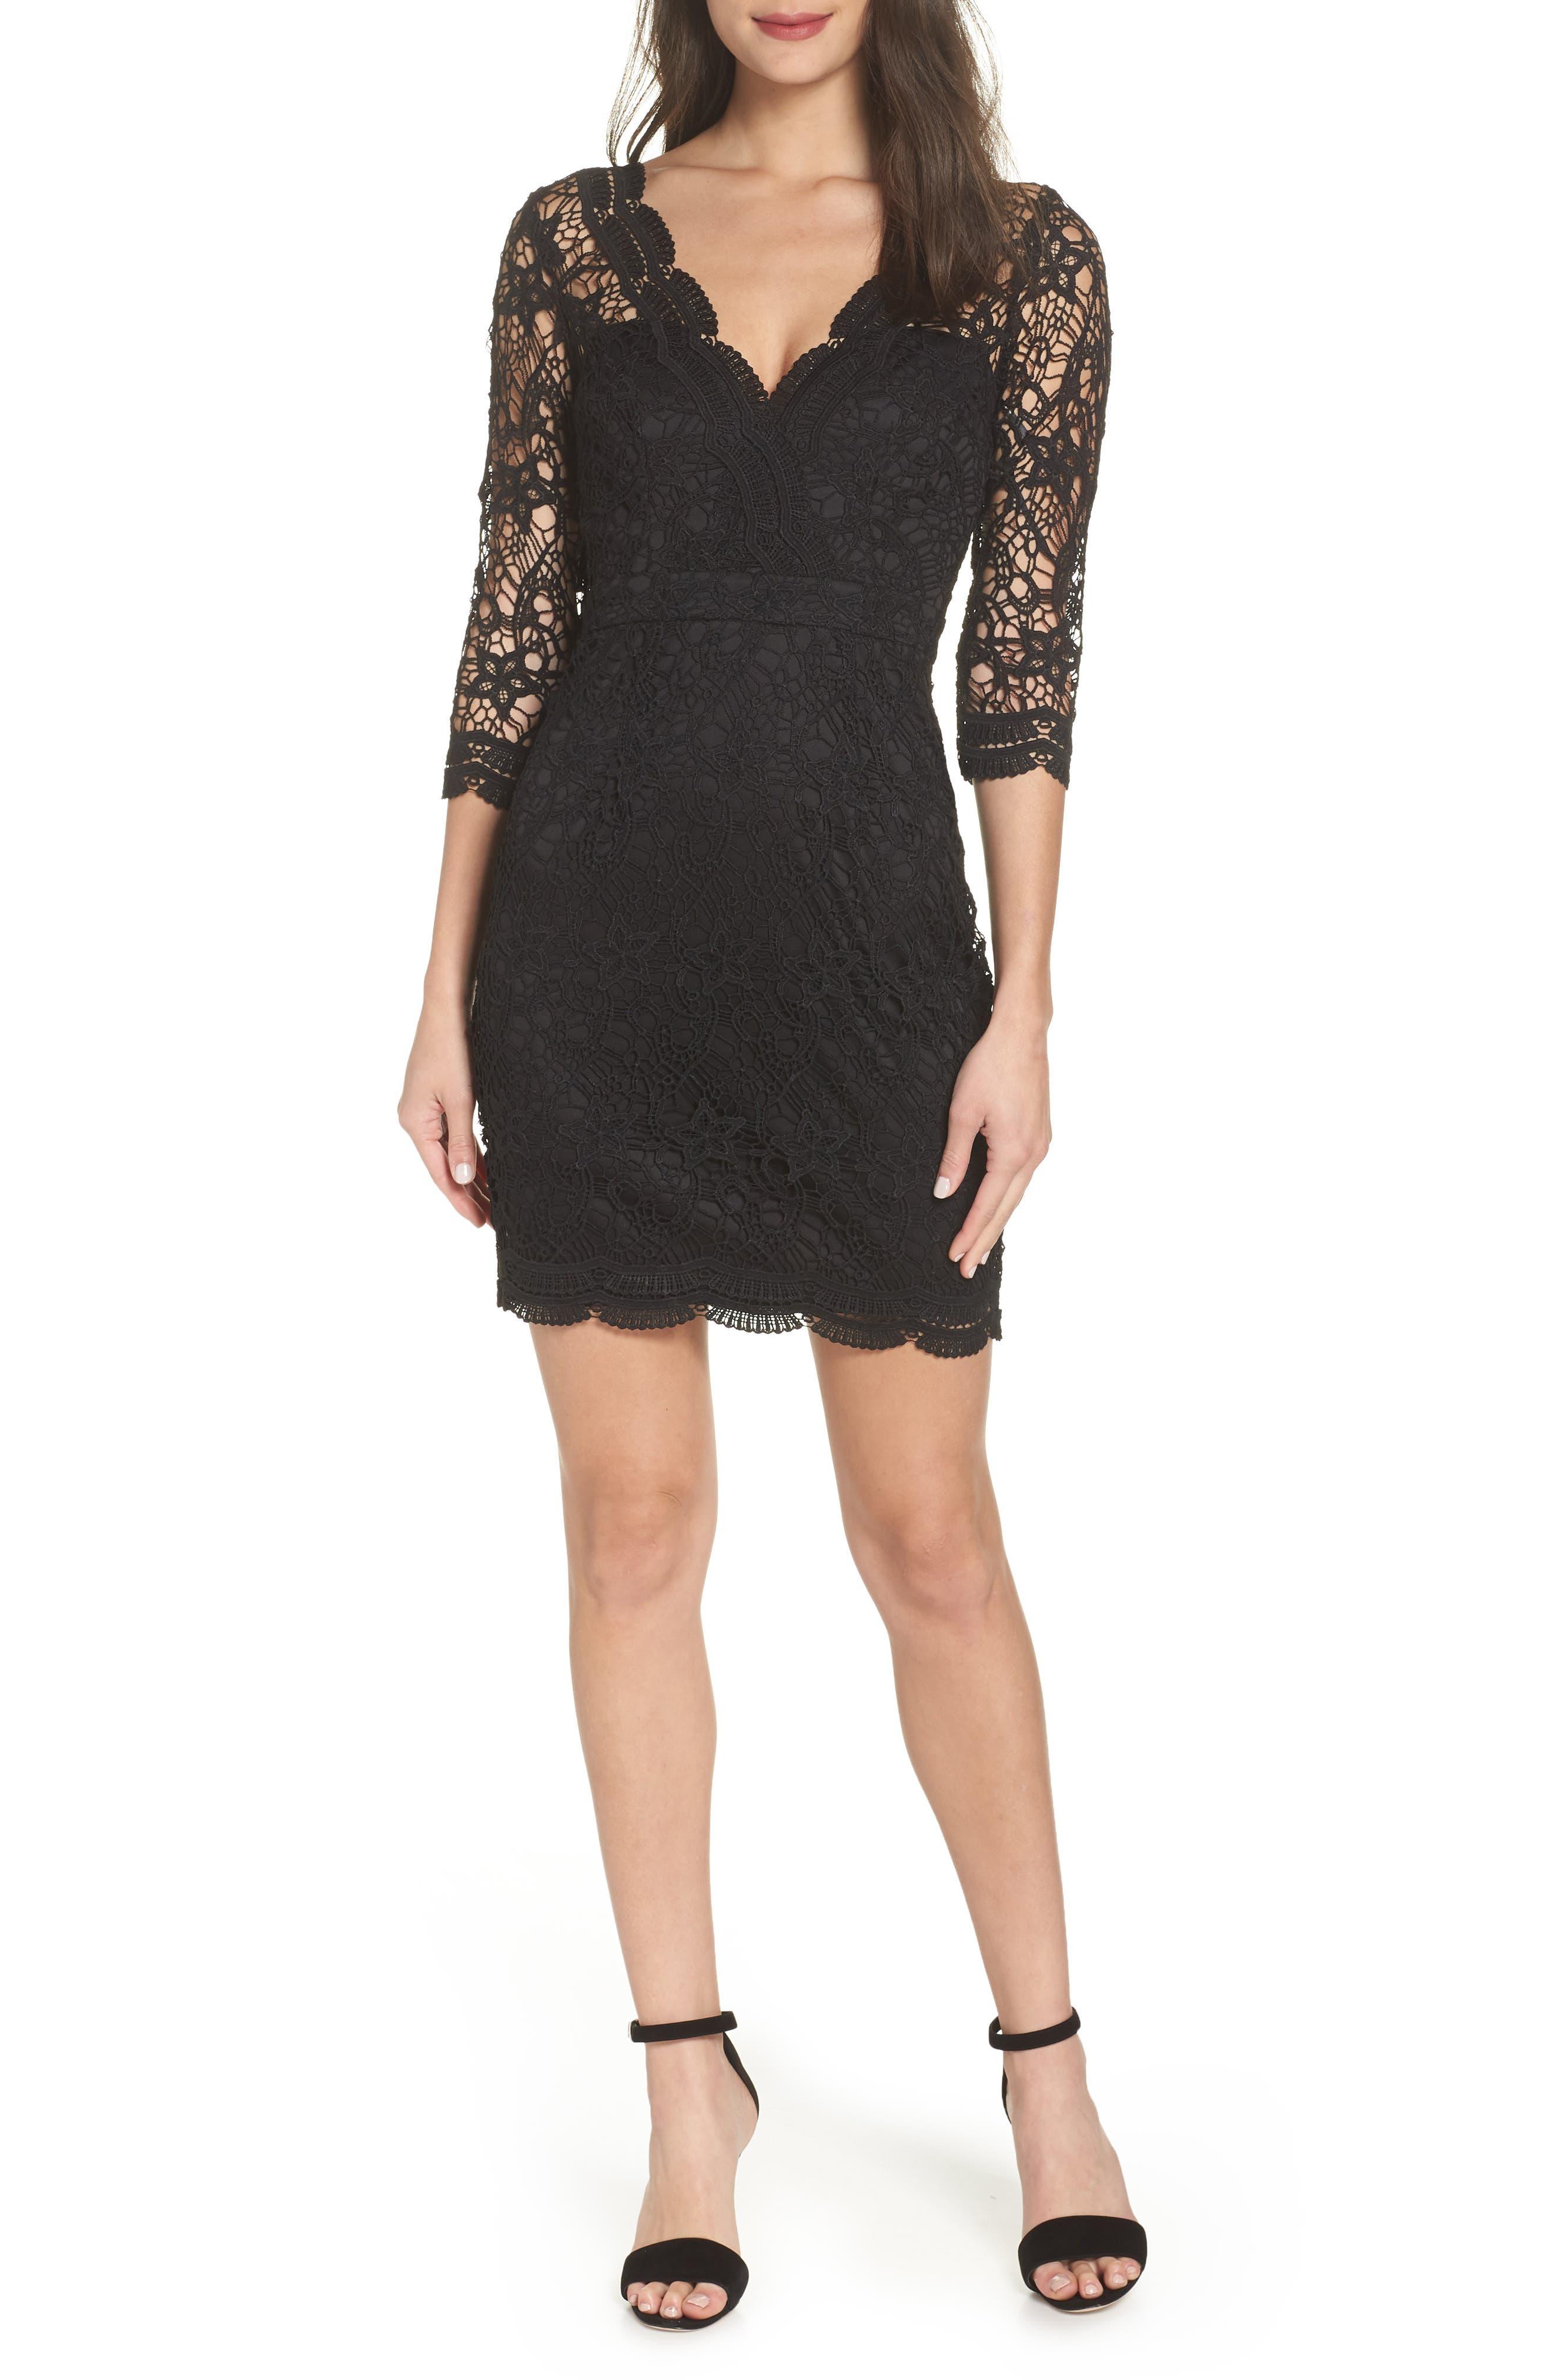 LULUS, Lace Cocktail Dress, Main thumbnail 1, color, BLACK